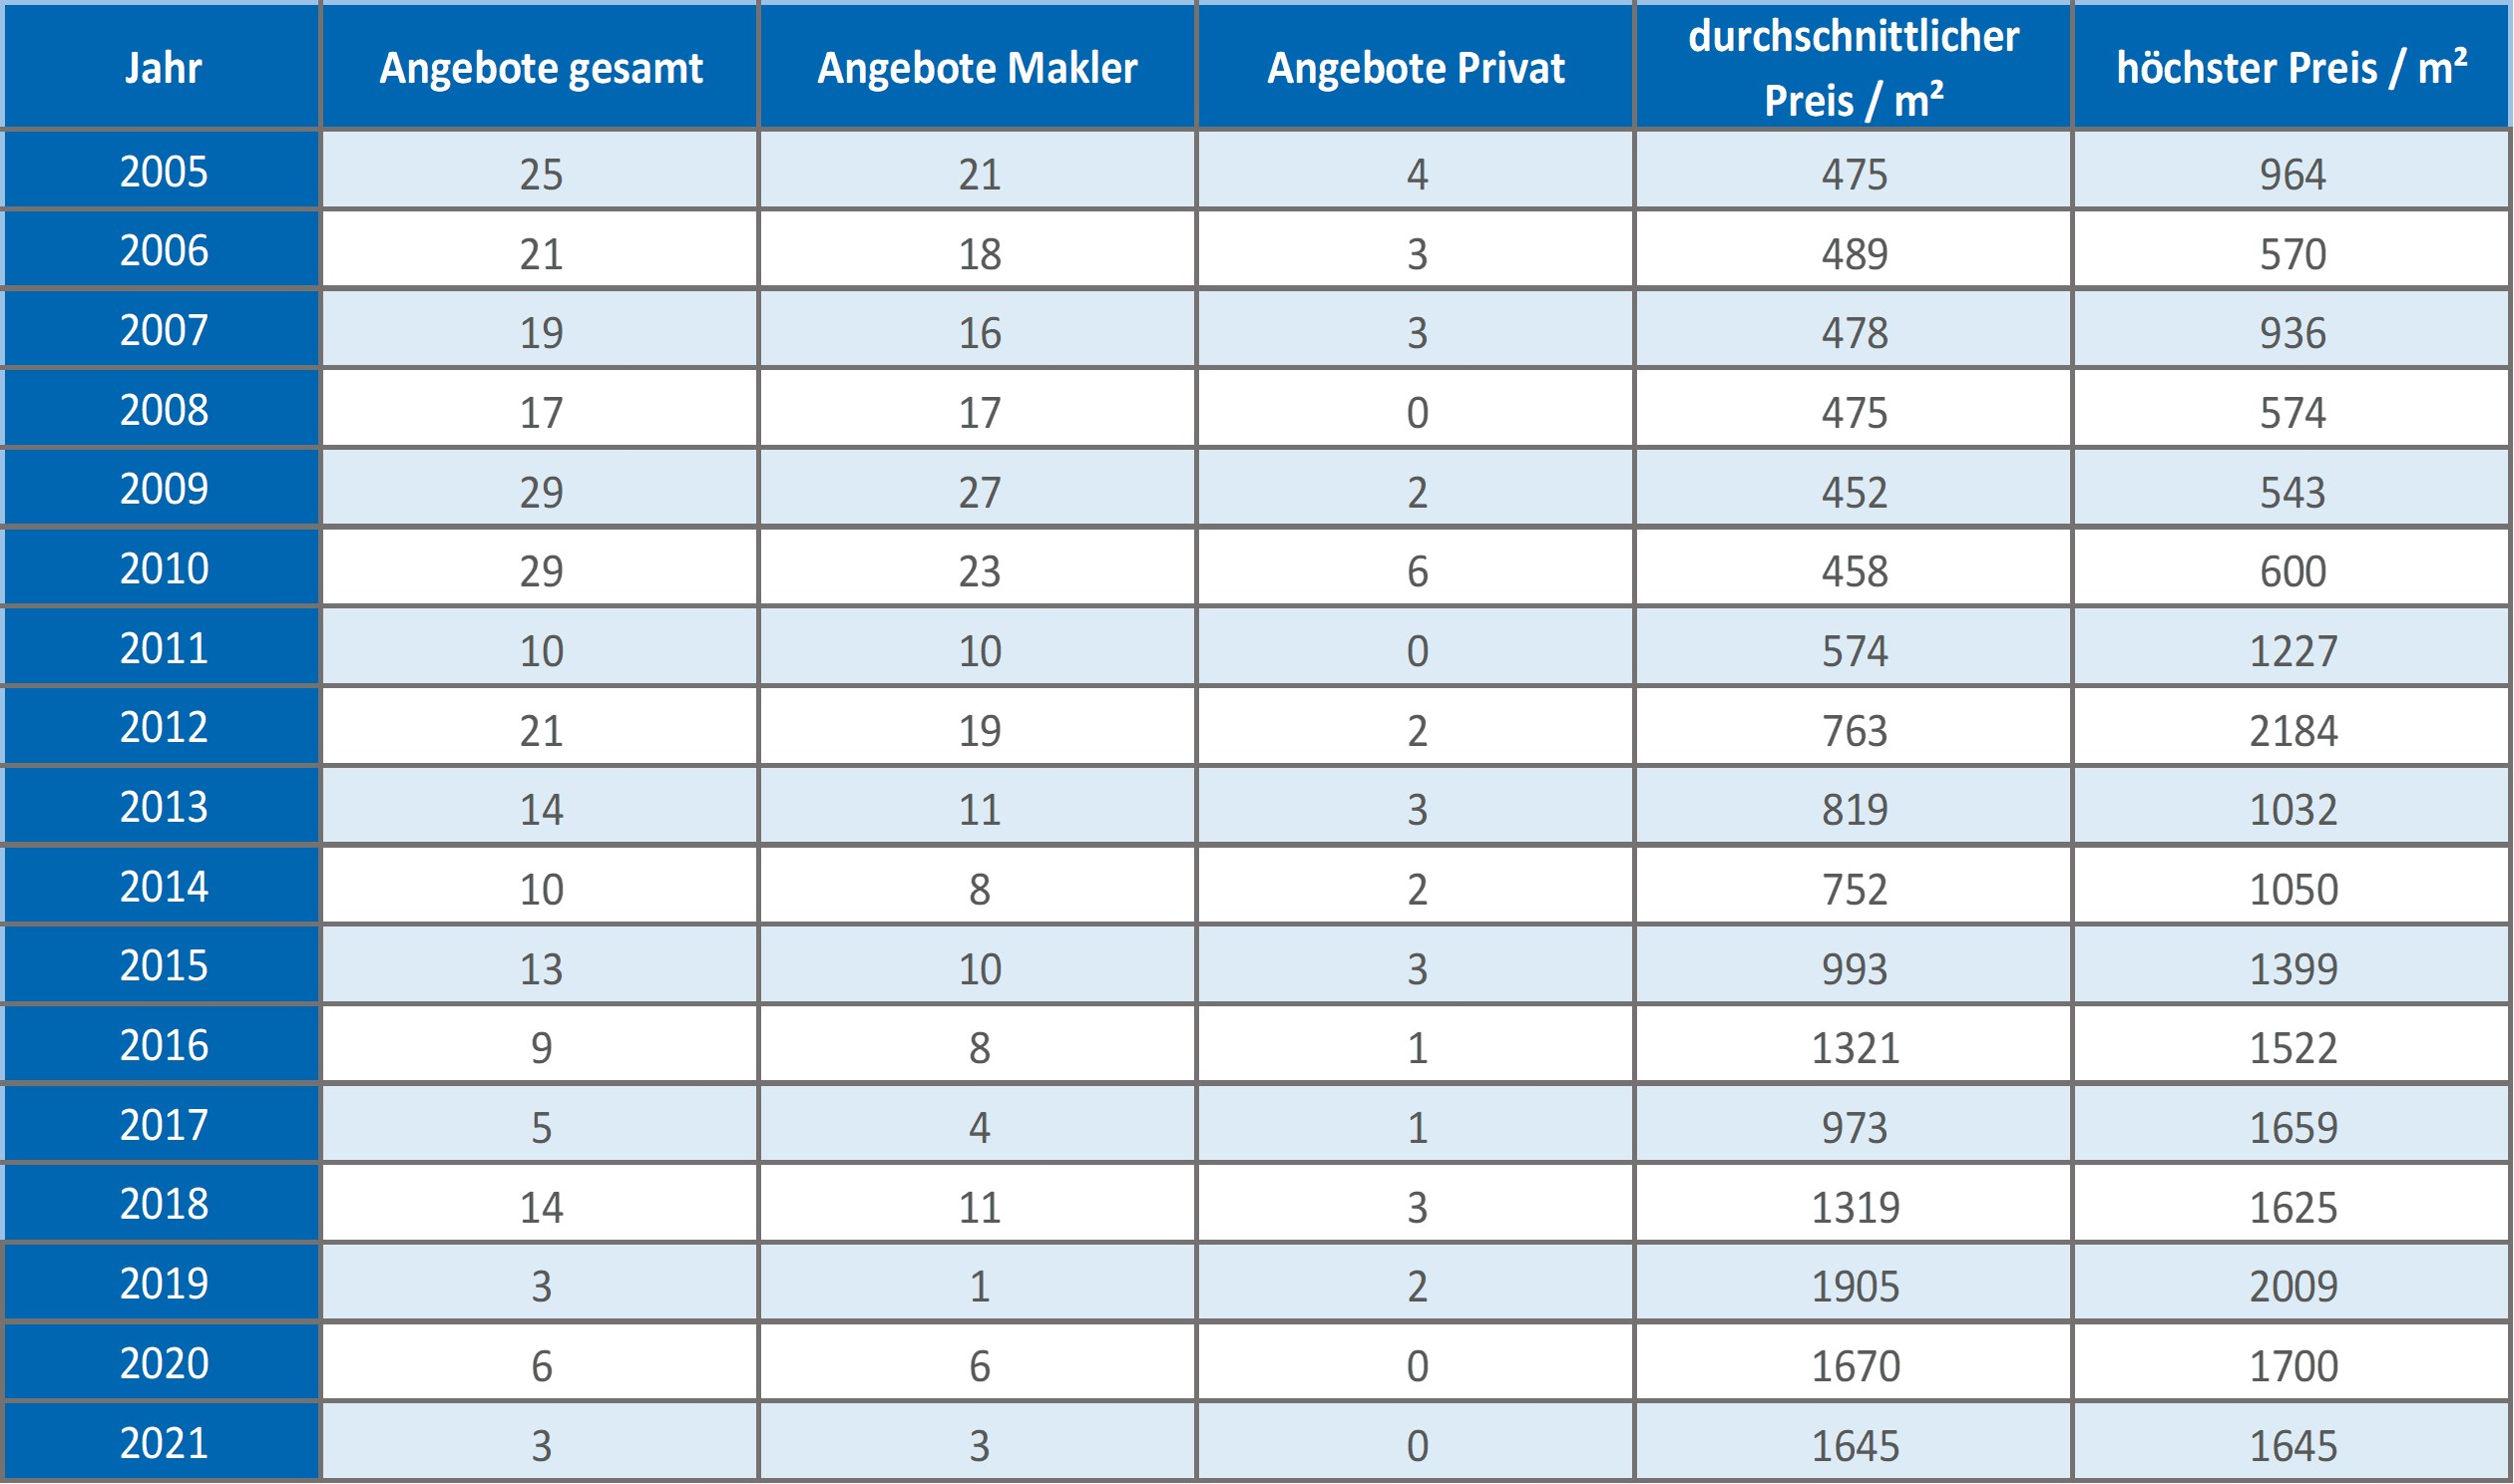 Sauerlach Grundstück kaufen verkaufen Preis Bewertung Makler www.happy-immo.de 2019 2020 2021